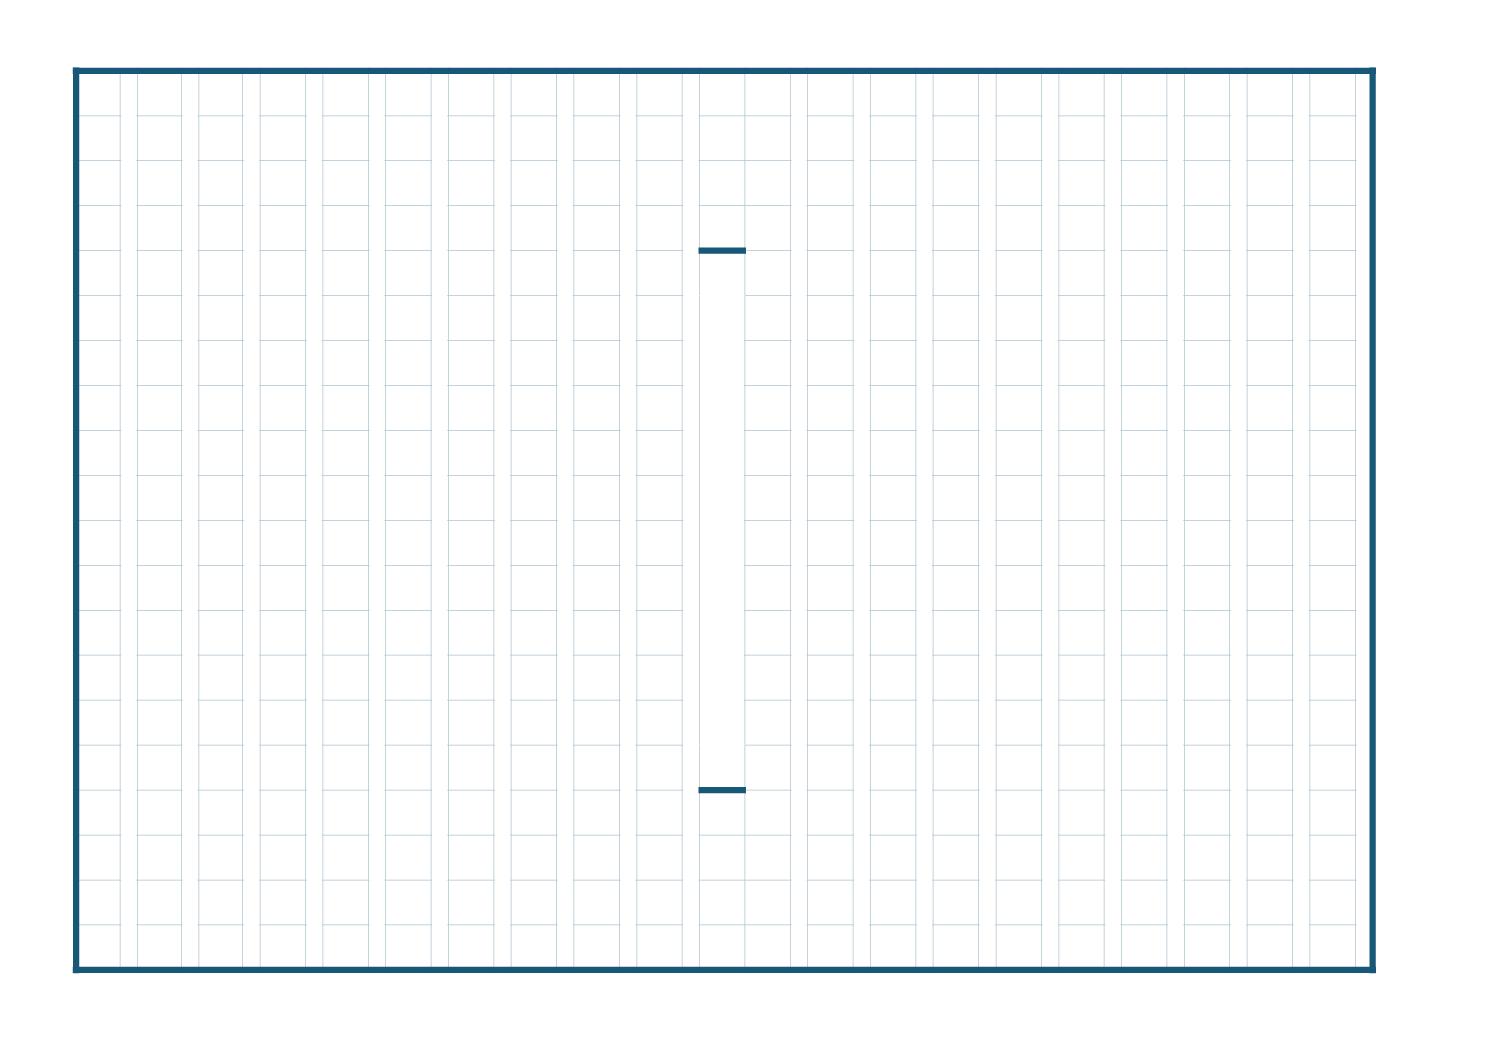 原稿用紙(作文用紙)のテンプレート(エクセル・ナンバーズ)ベーシックブルーA4横